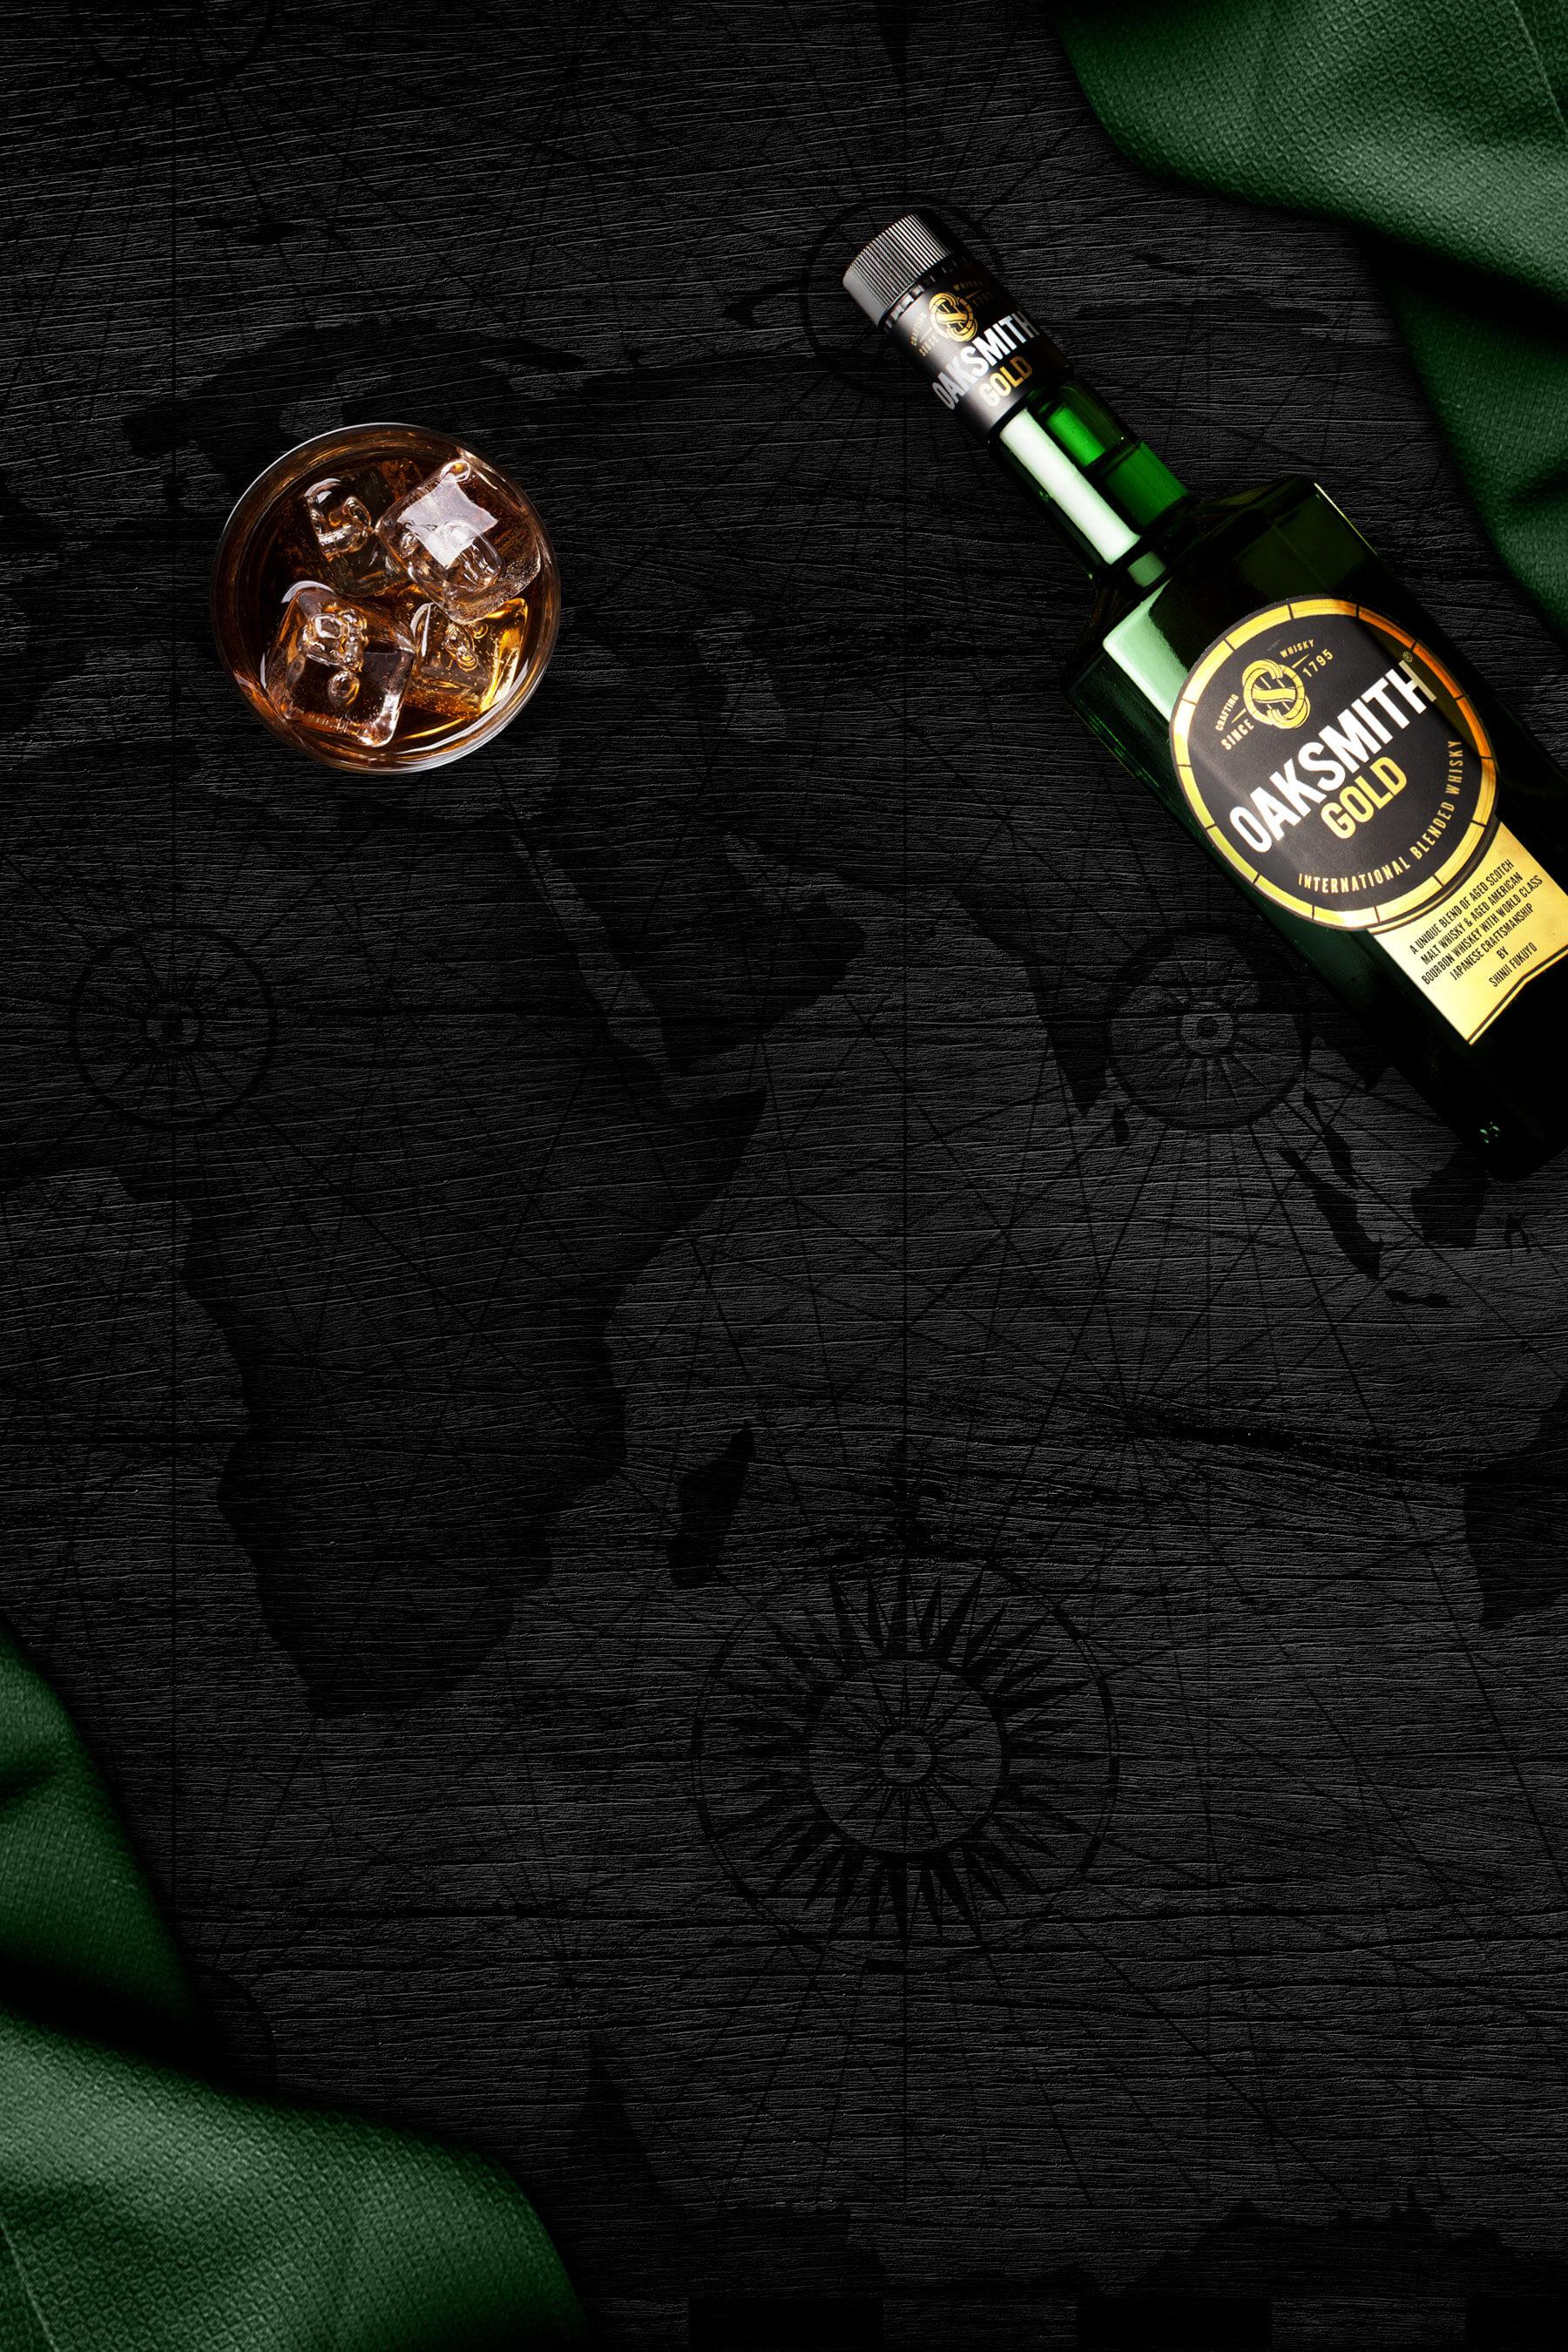 oaksmith gold international blended whisky